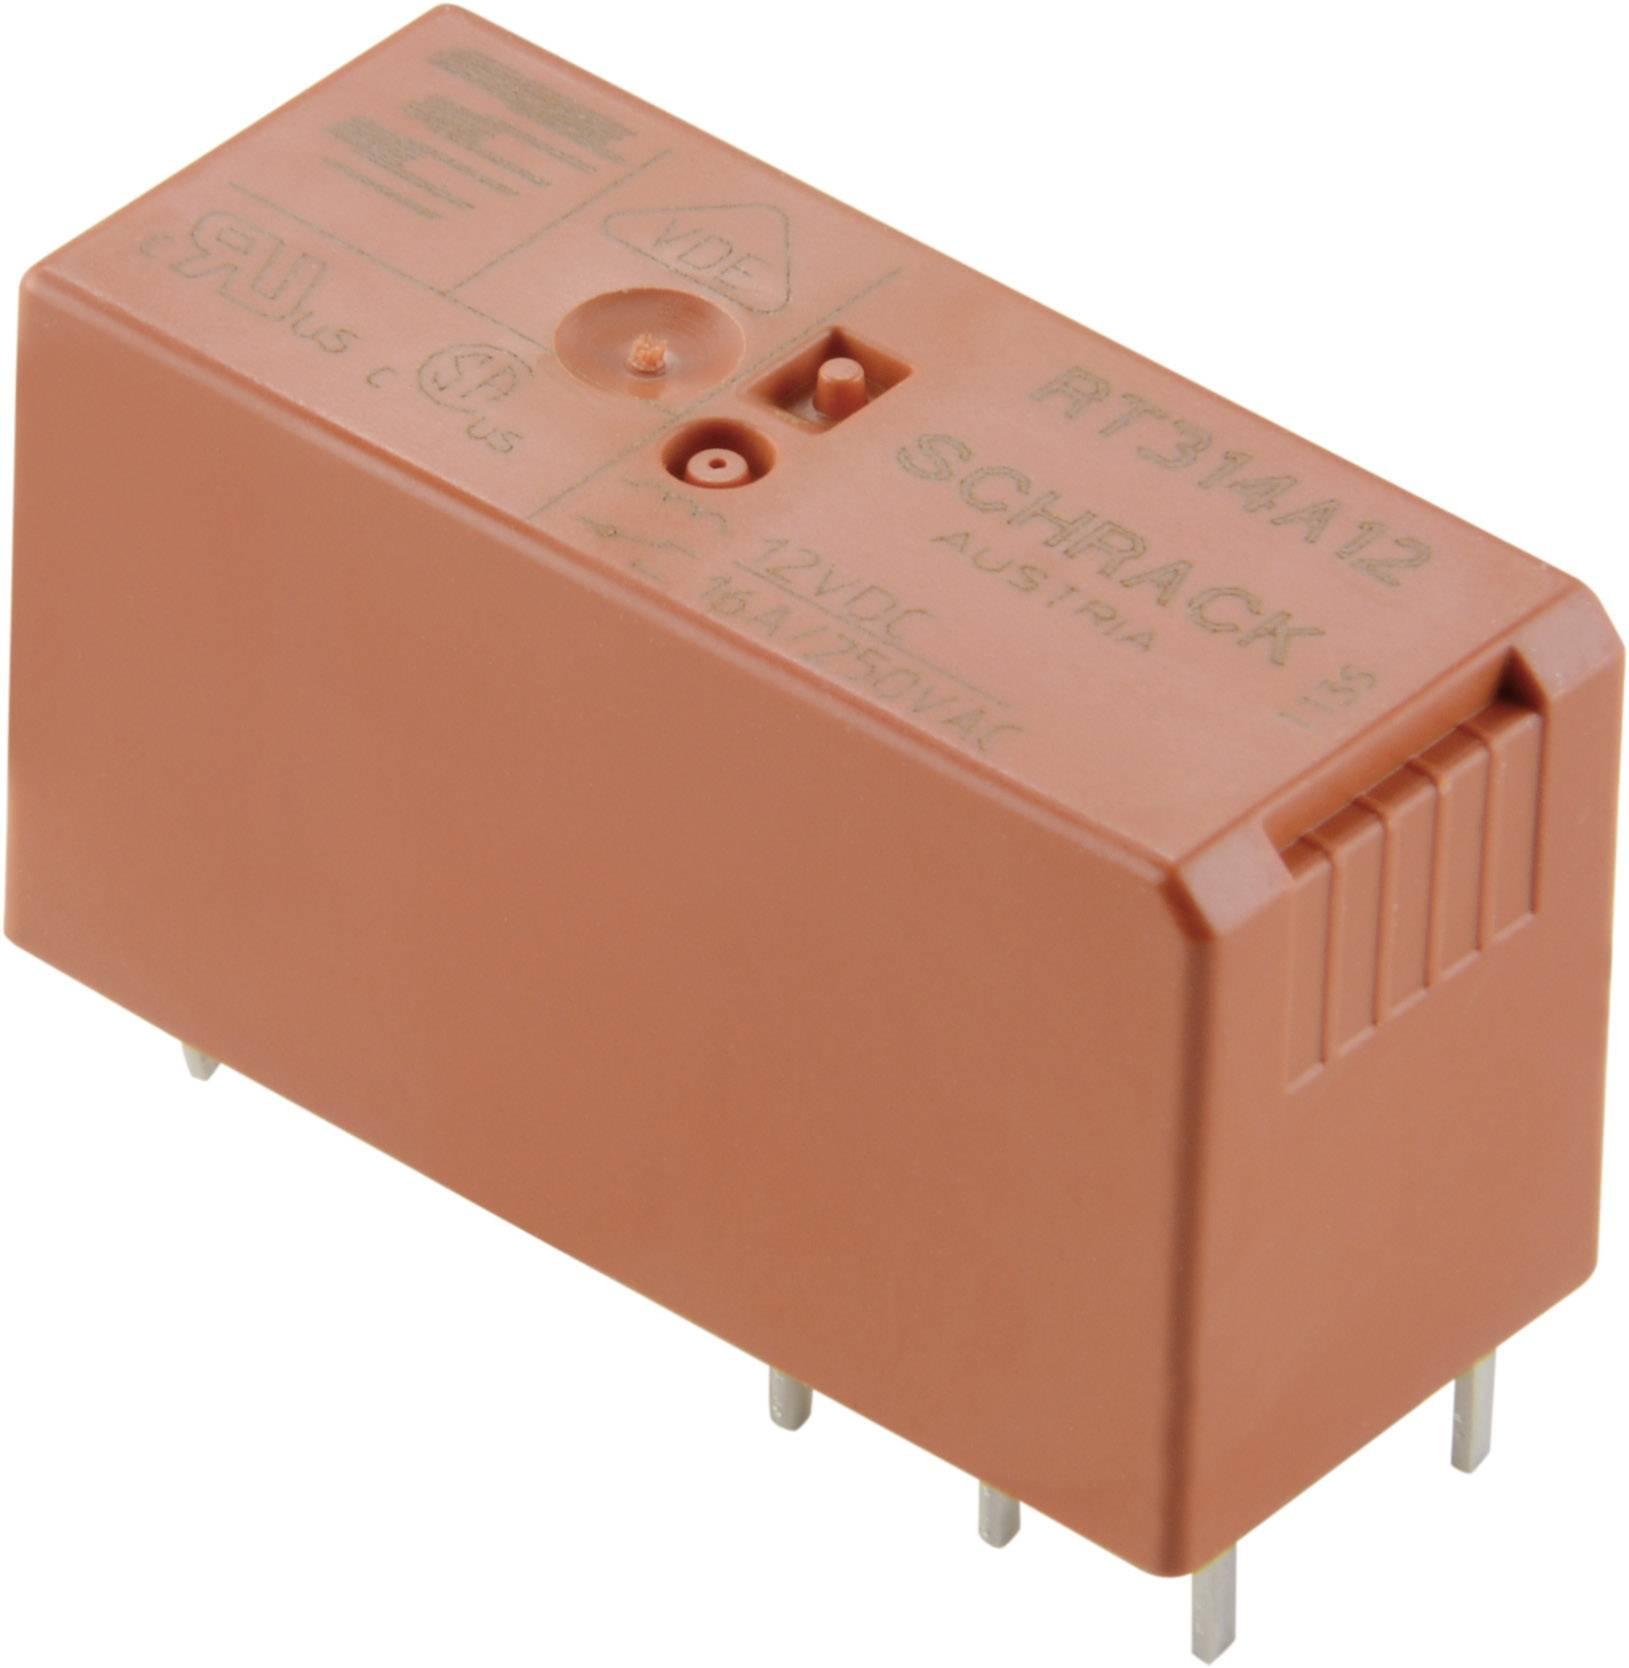 Výkonové relé RT 8 A, 2 x přepínací kontakt TE Connectivity 5-1393243-3, RT424F06, 8 A